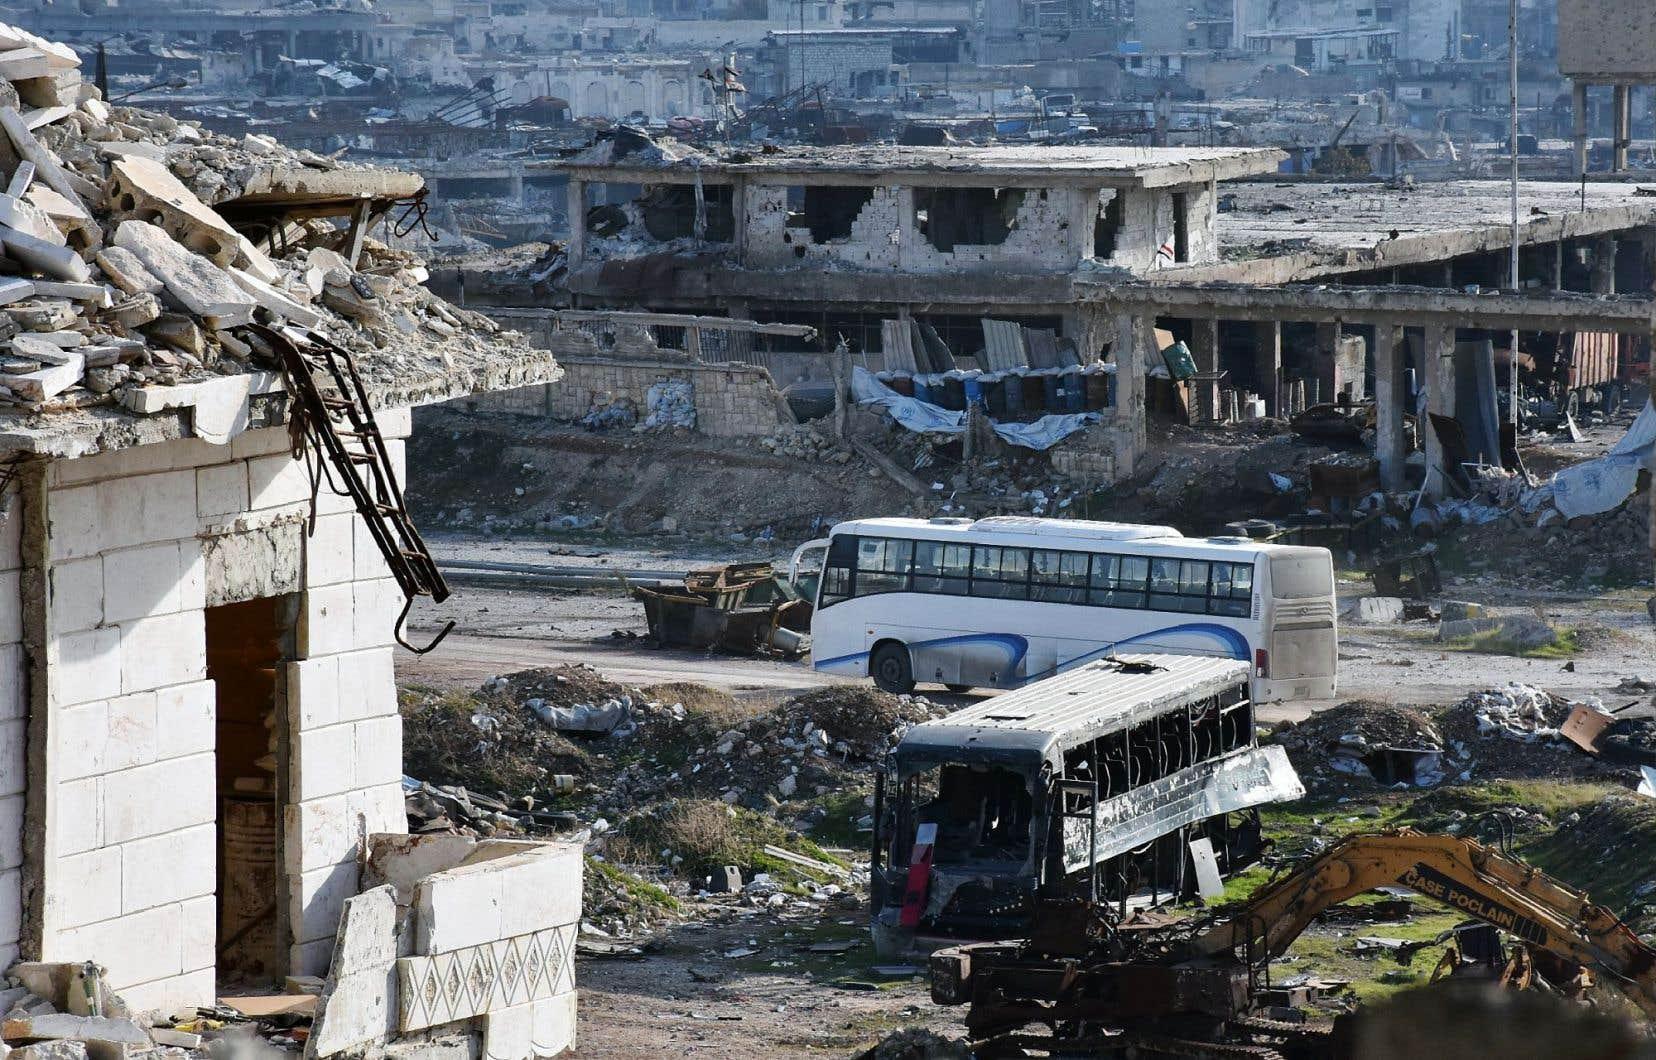 Des autobus ont traversé les quartiers dévastés d'Alep pour permettre l'évacuation de centaines de personnes dimanche.